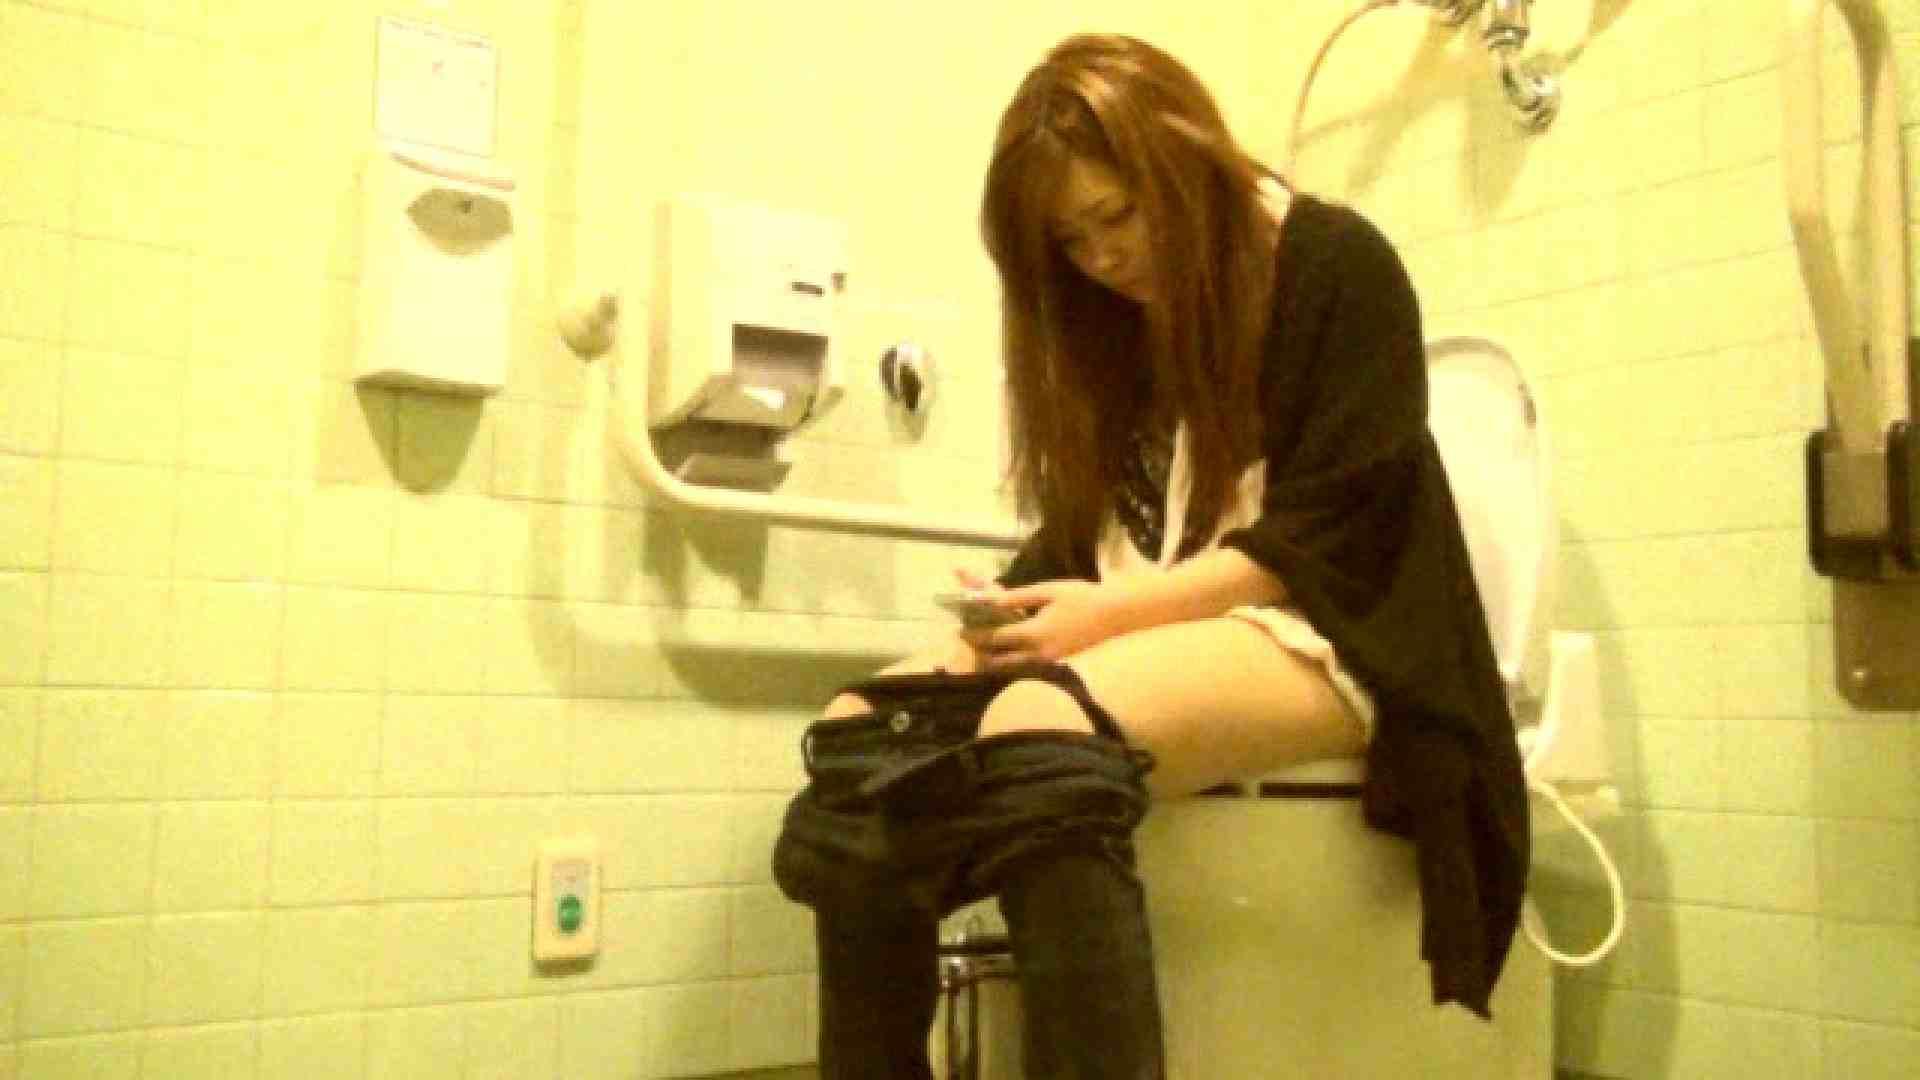 魔術師の お・も・て・な・し vol.26 19歳のバーの店員さんの洗面所をしばし… 洗面所突入 エロ無料画像 73pic 29